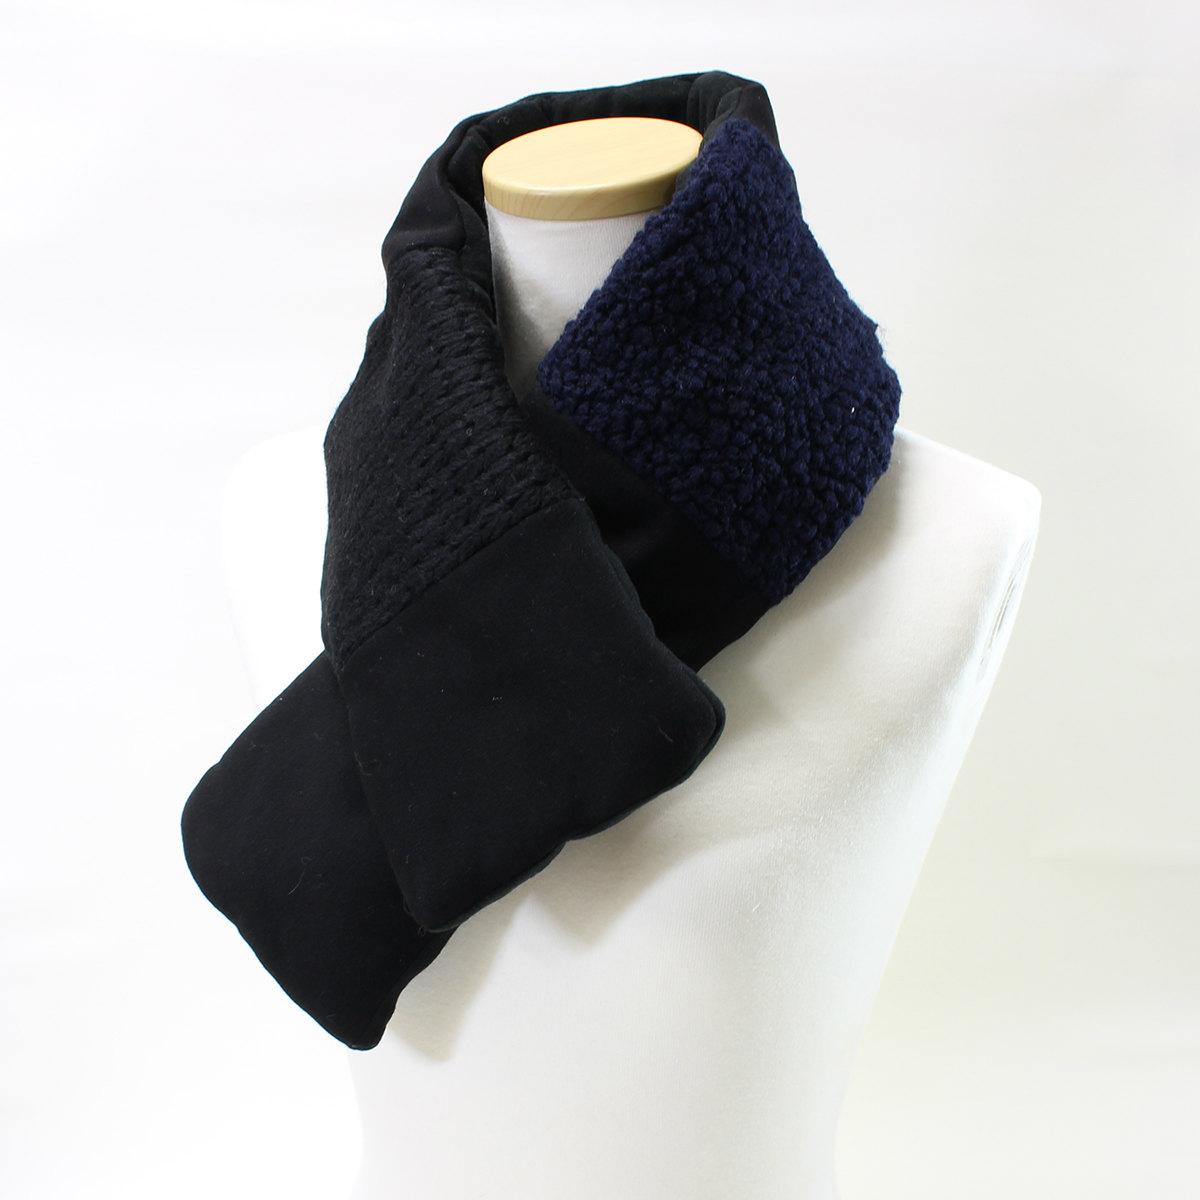 ネックウォーマー 綿入りで暖か 切替デザイン BIYUTE